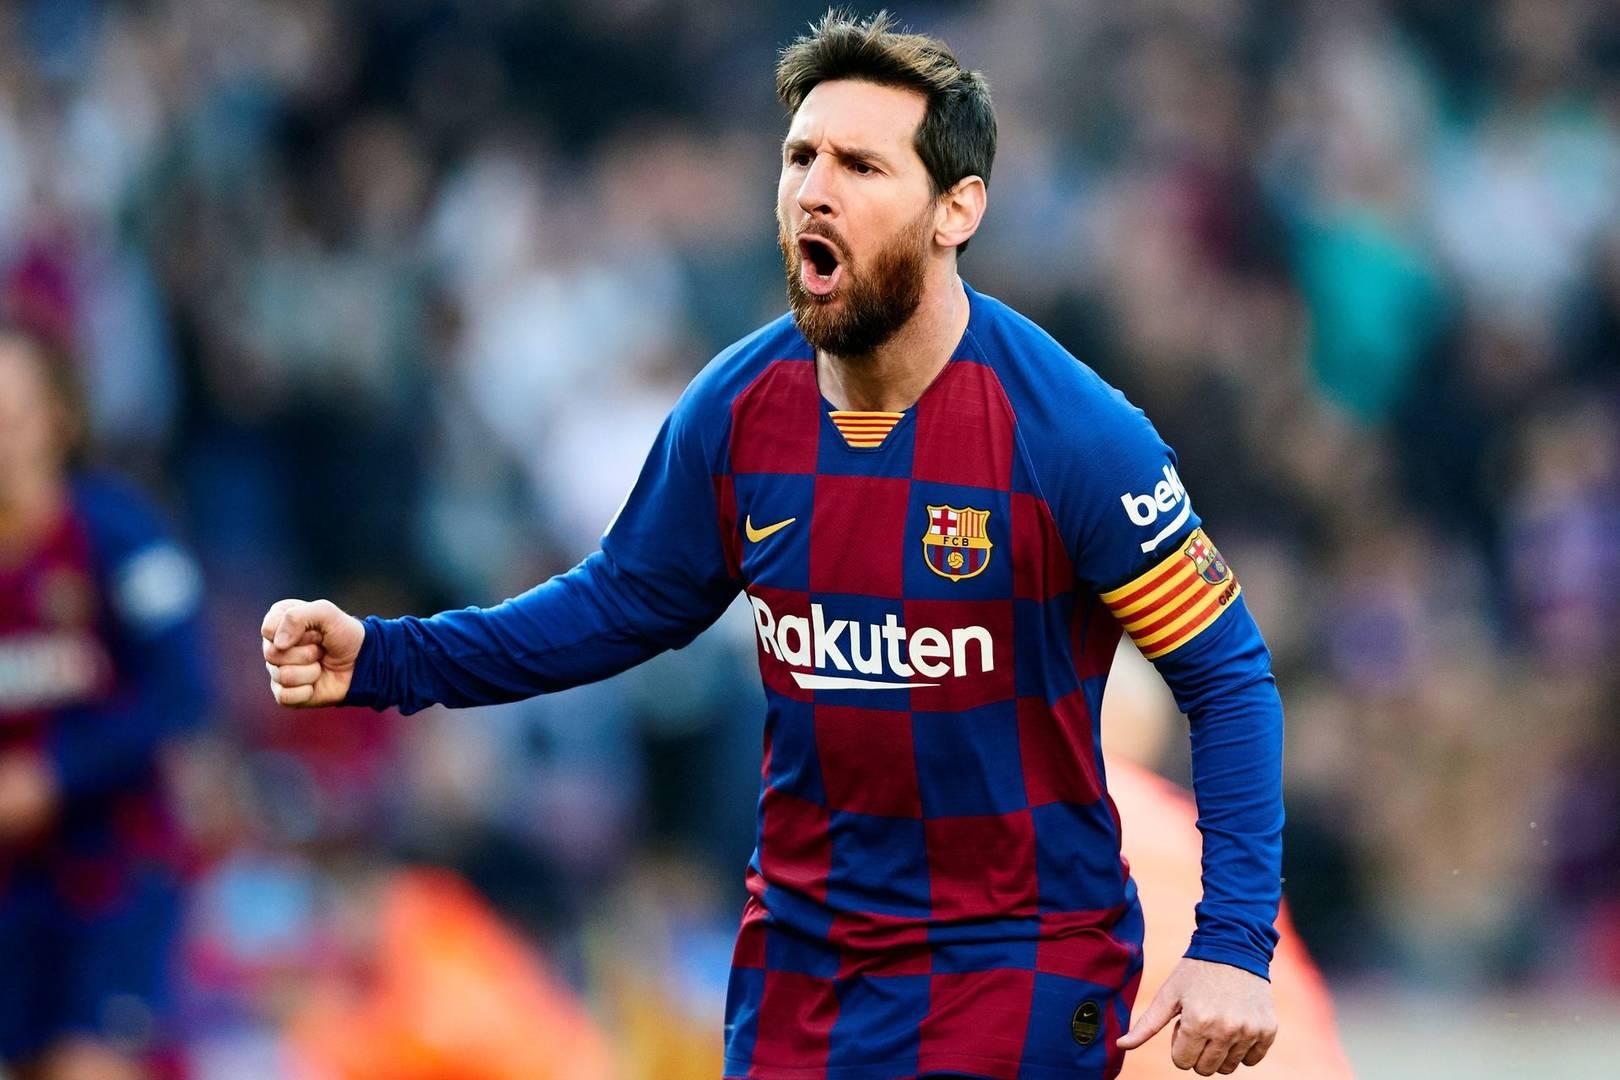 ¿Messi se va del Barcelona? ¿Un viaje de Jorge Messi para arreglar su futuro en grande europeo?